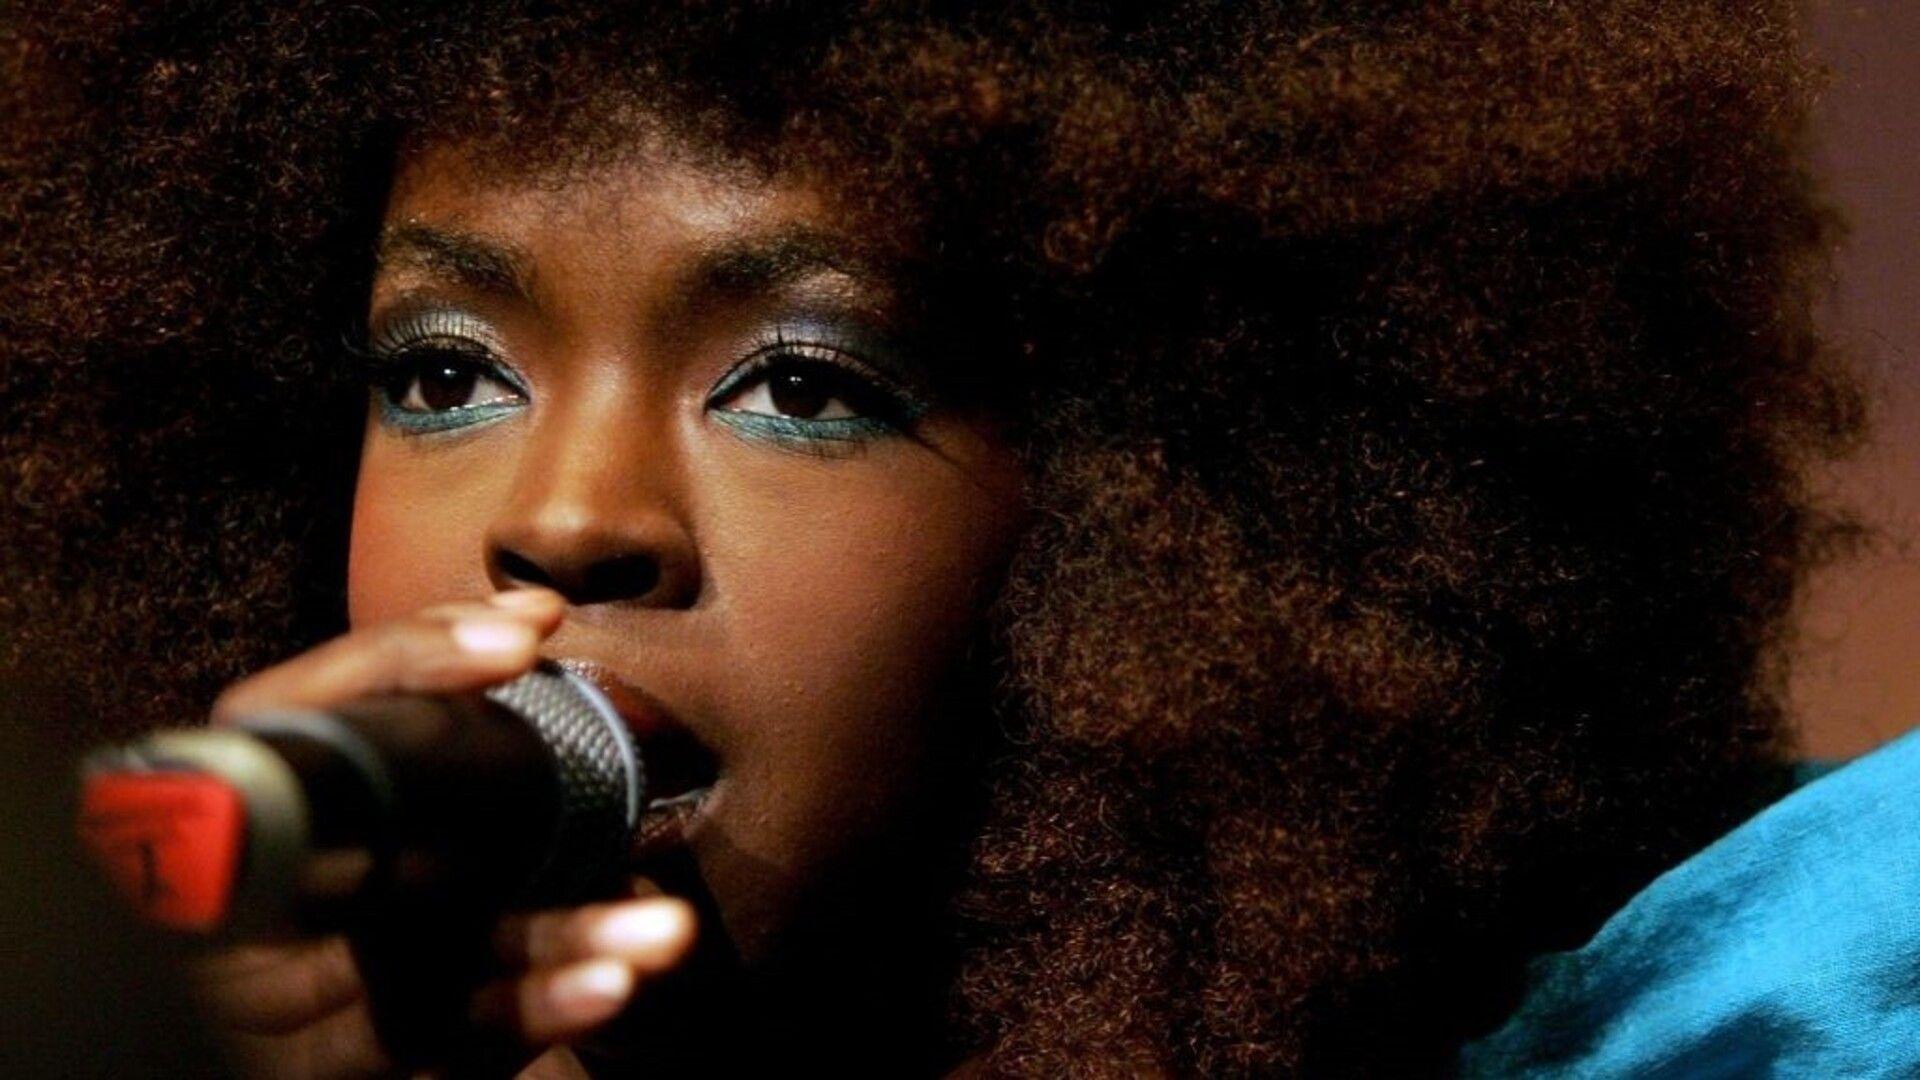 Gyönyörűen indult karriertől a kifütyült koncertig és börtönig - Ma 45 éves Lauryn Hill